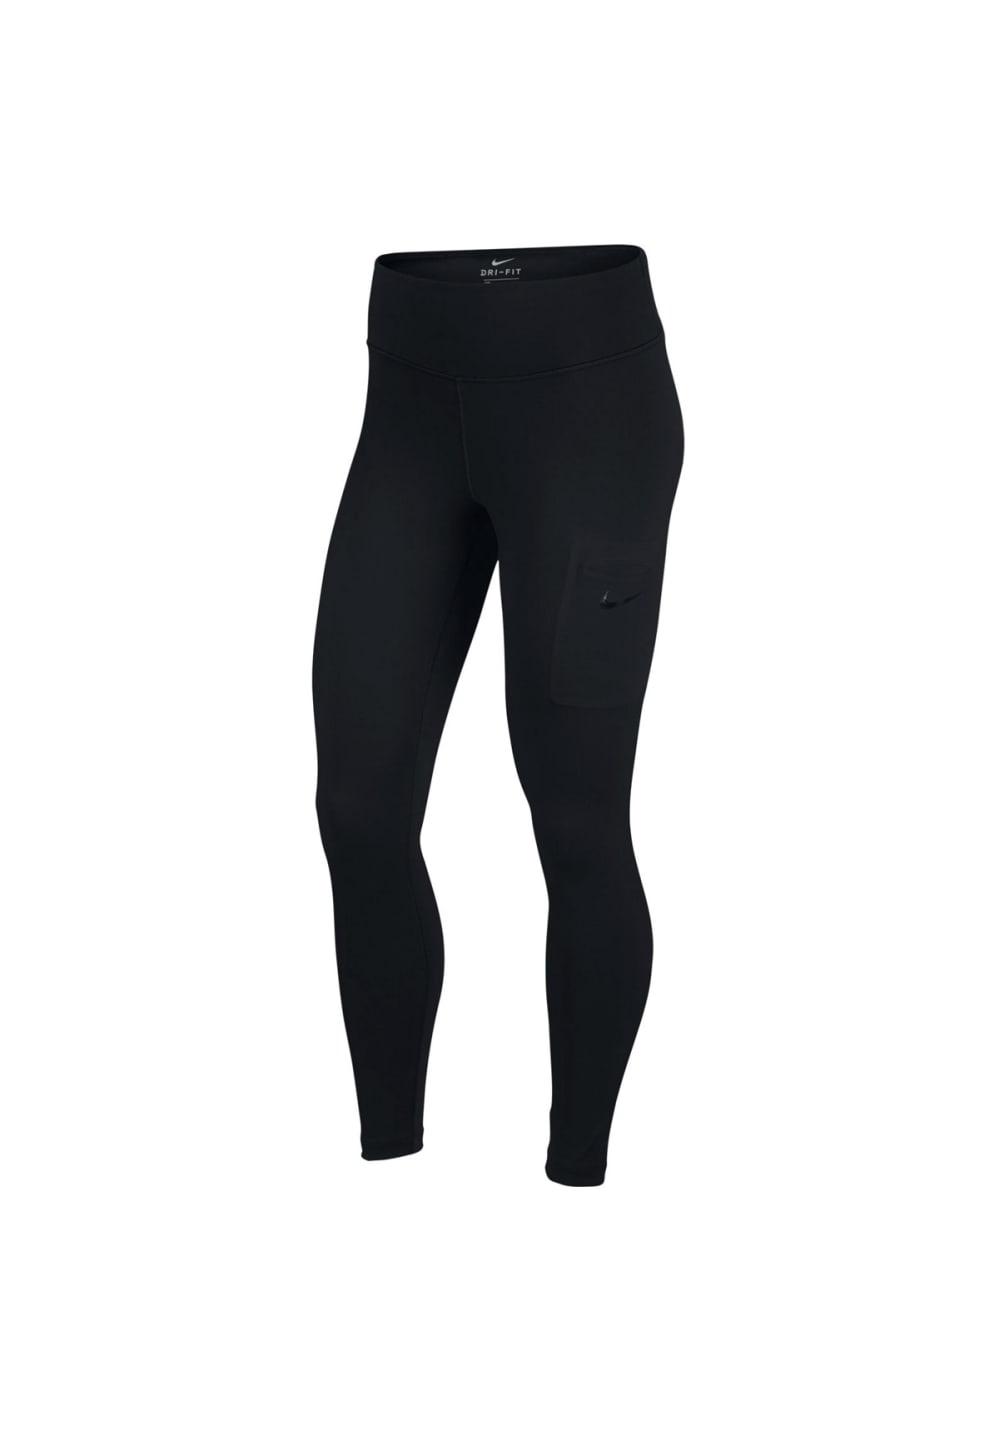 Nike Power Training Tights - Fitnesshosen für Damen - Schwarz